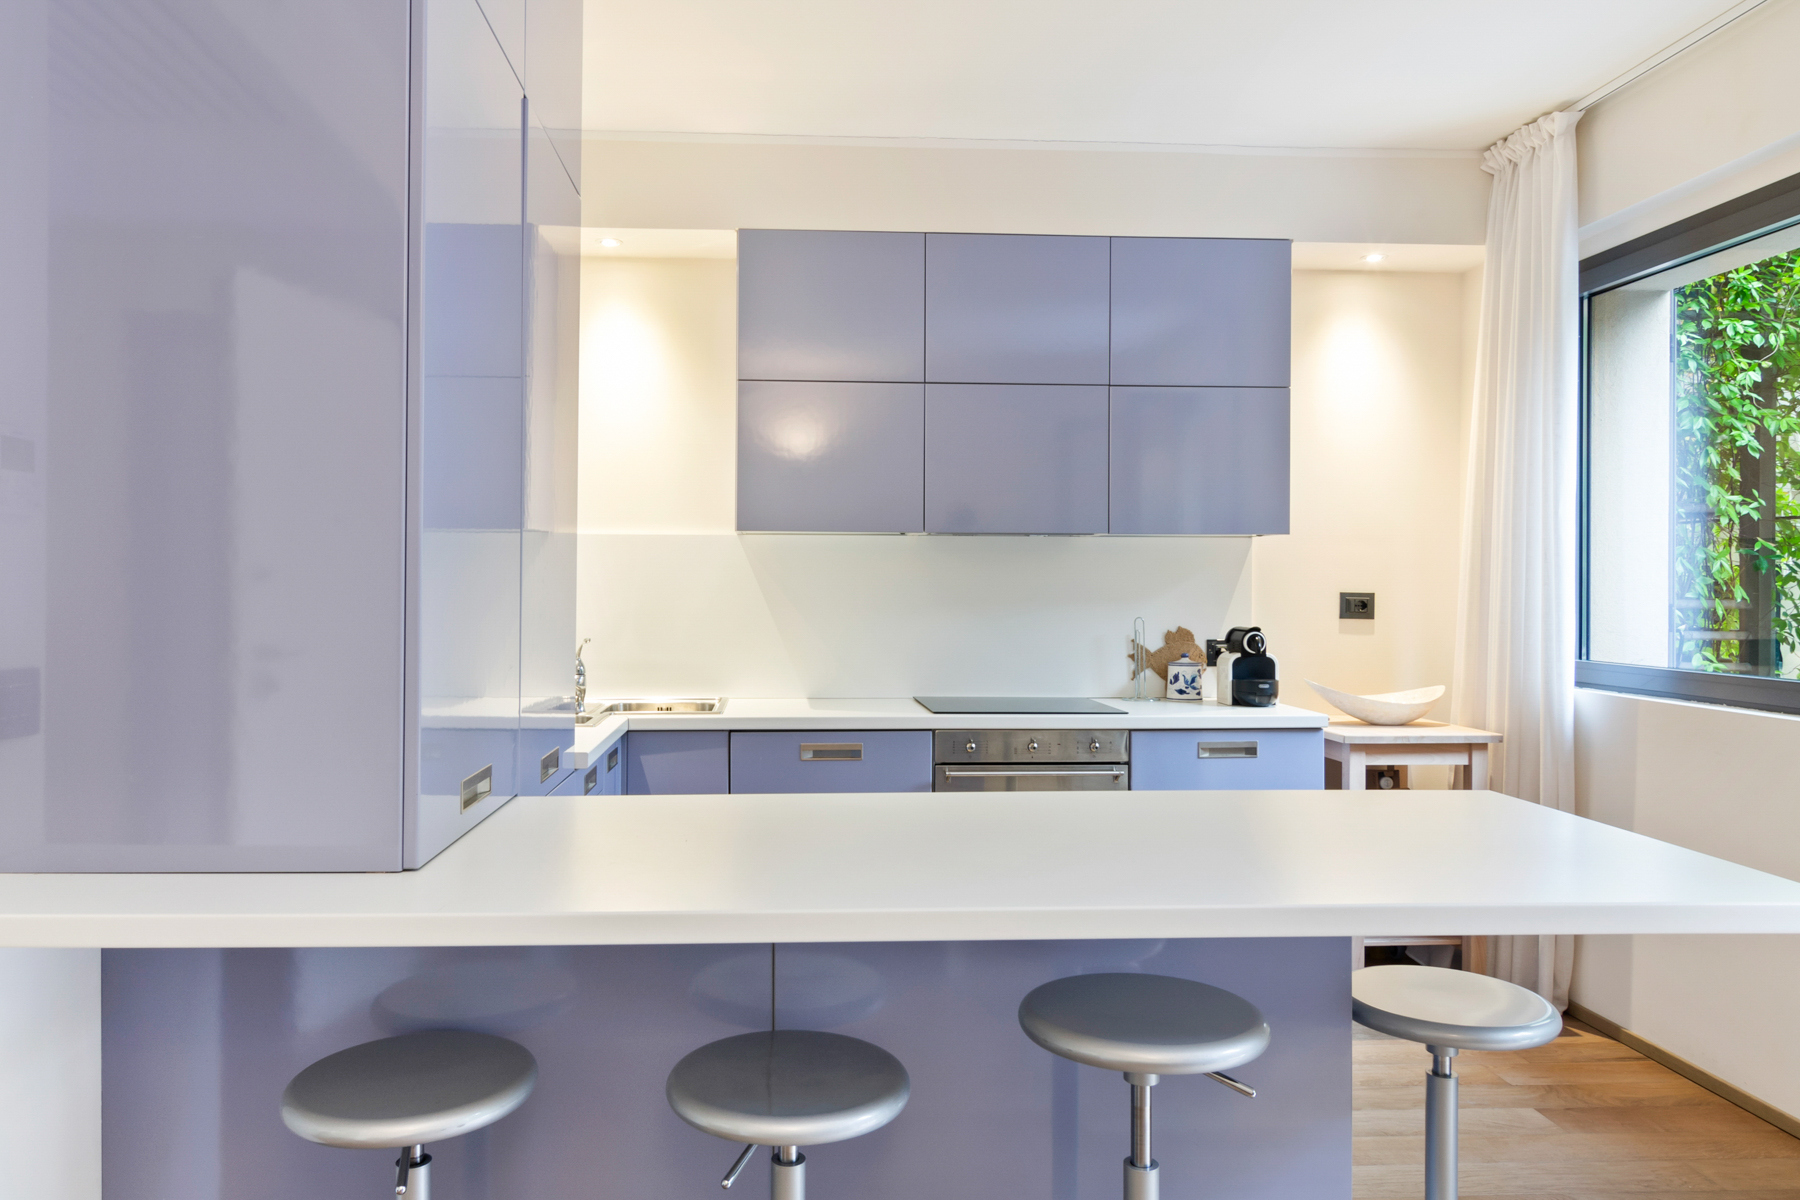 Appartamento in Vendita a Santa Margherita Ligure: 4 locali, 124 mq - Foto 5